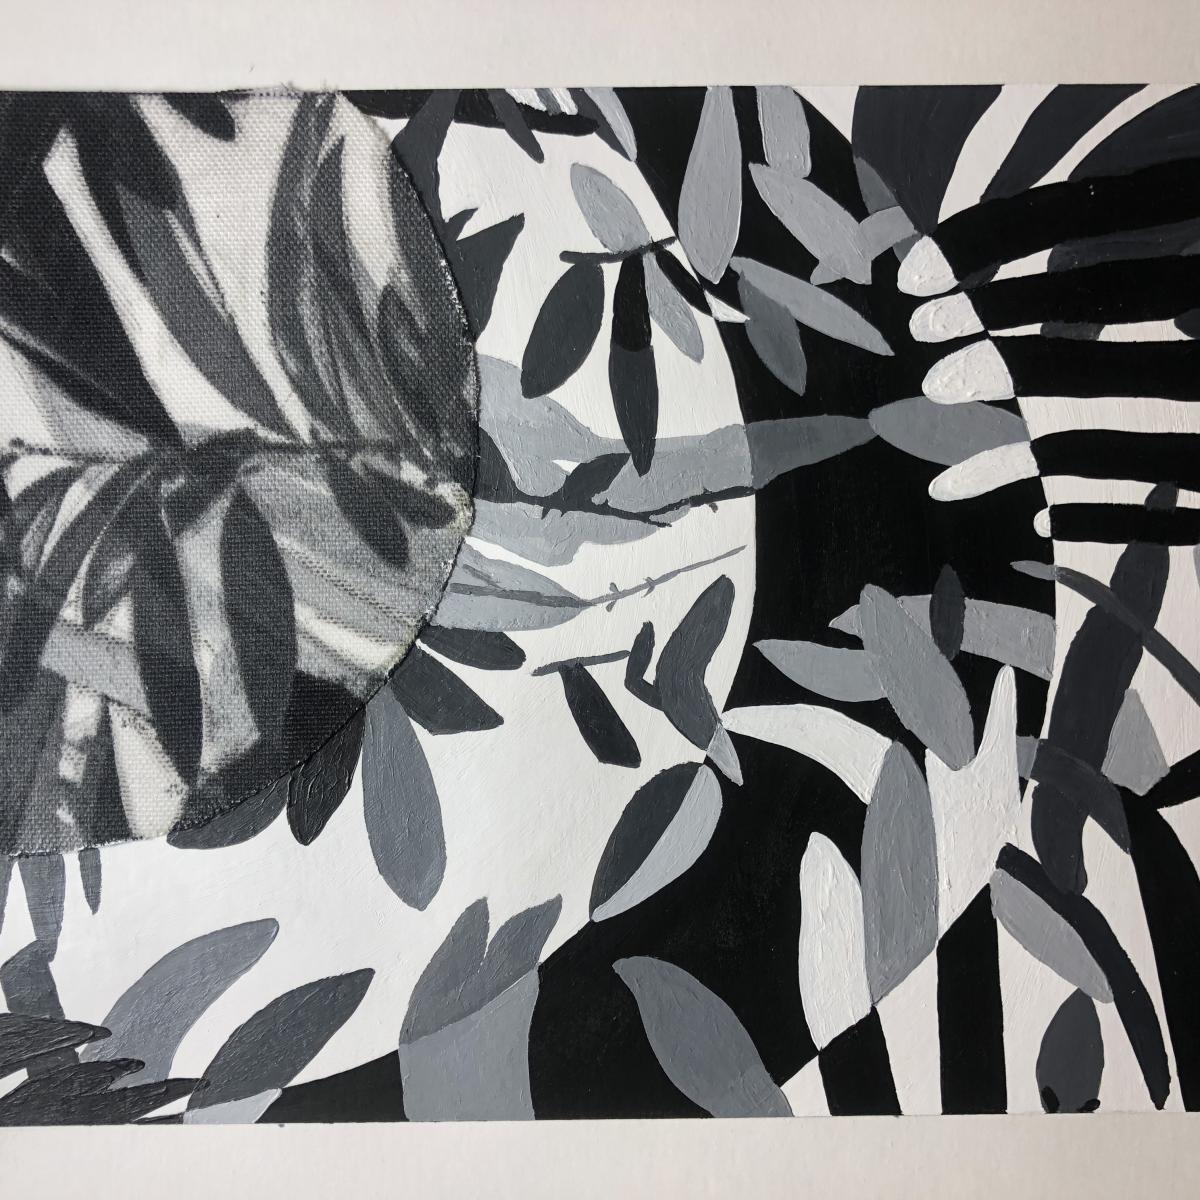 Shades of Gray by Zeynah Jadallah